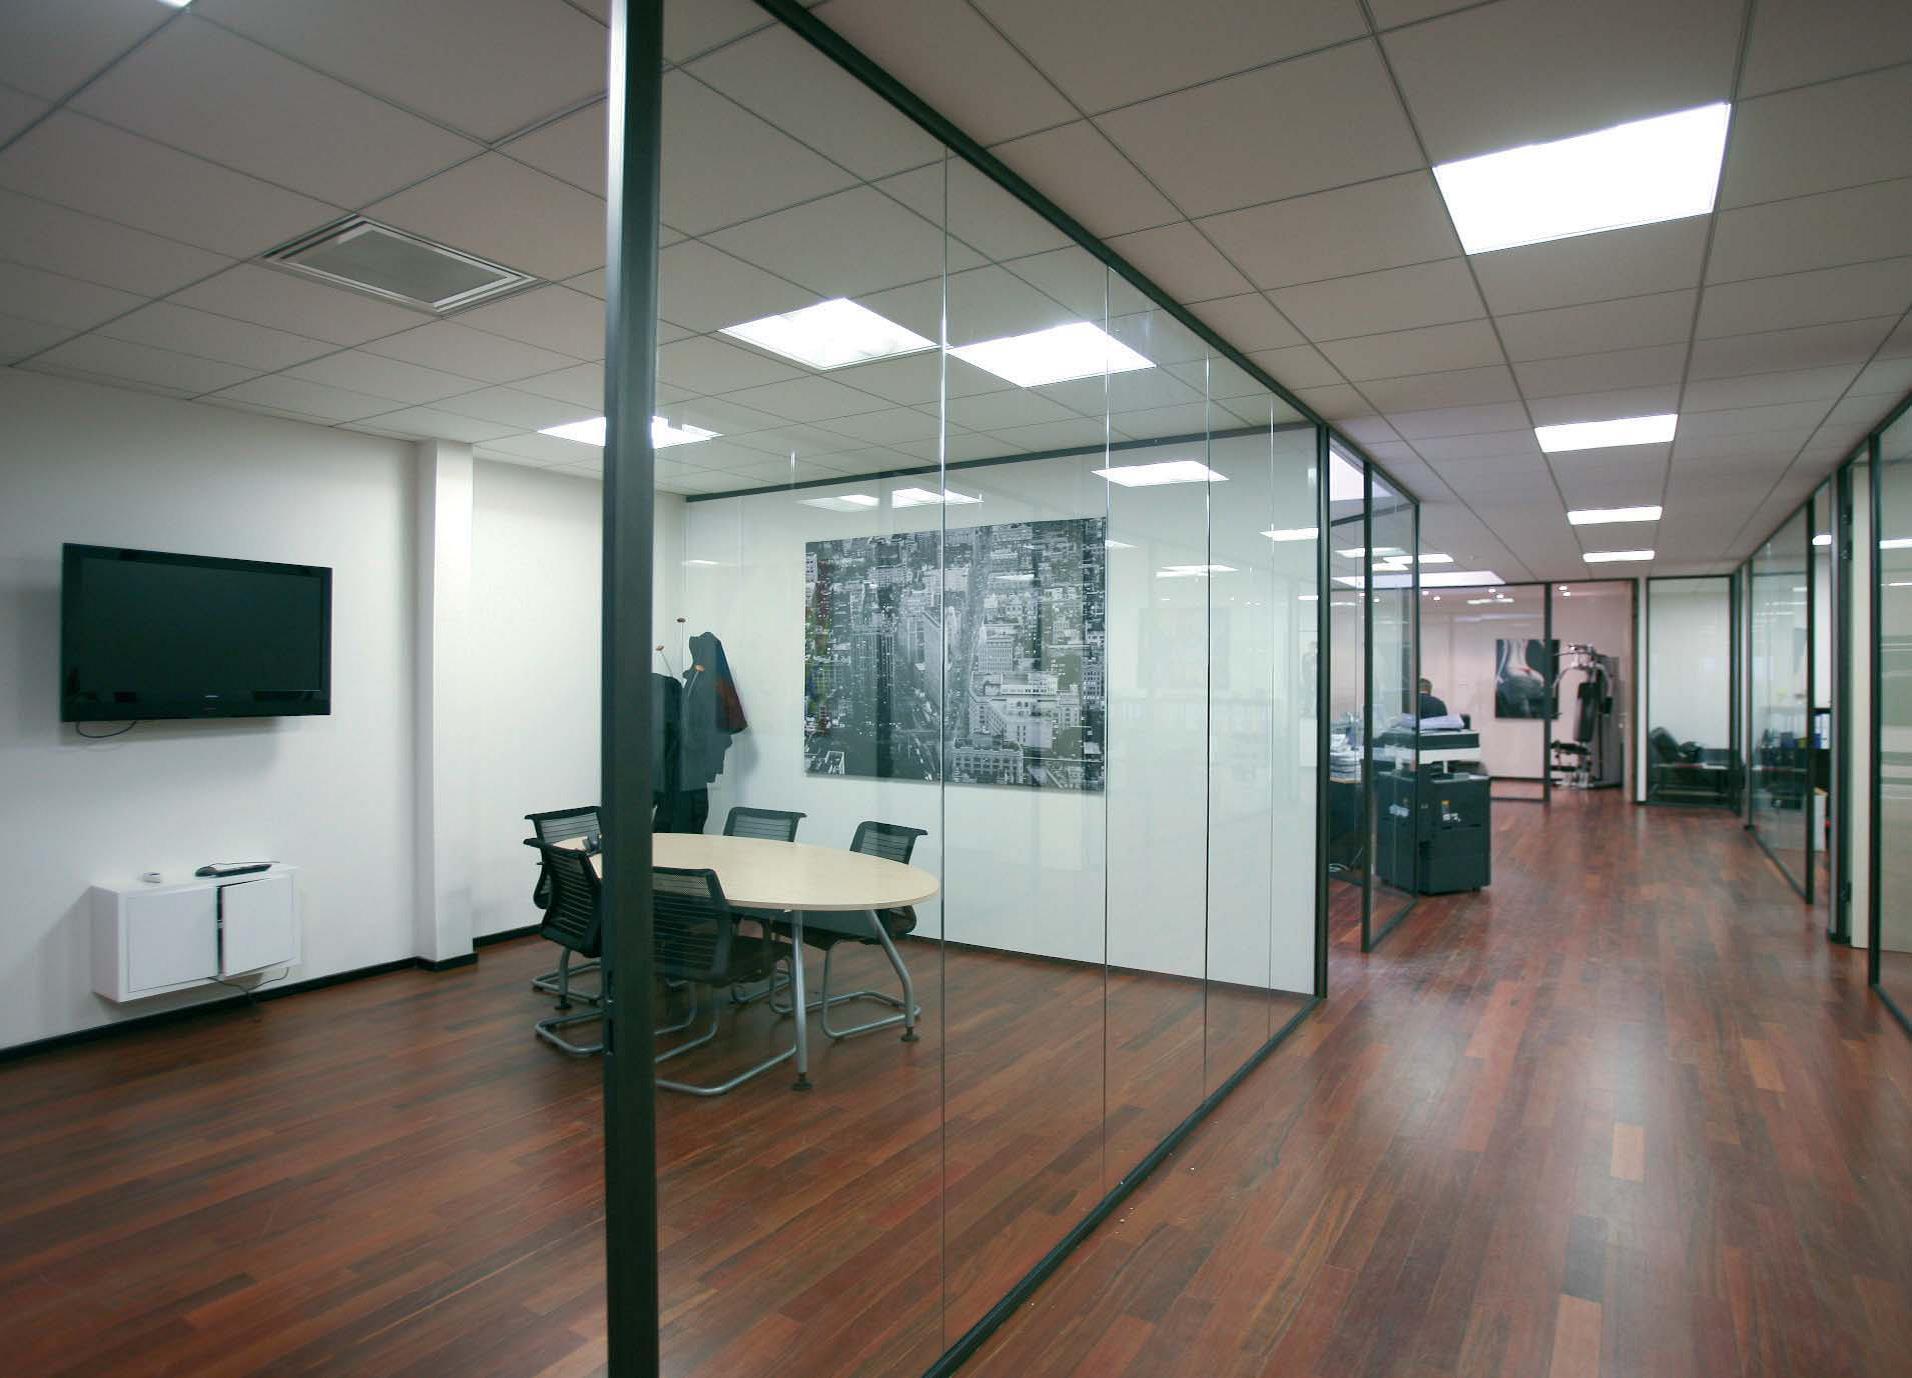 Cloison de bureau 03 espace cloisons alu ile de france for Cloison de bureau acoustique